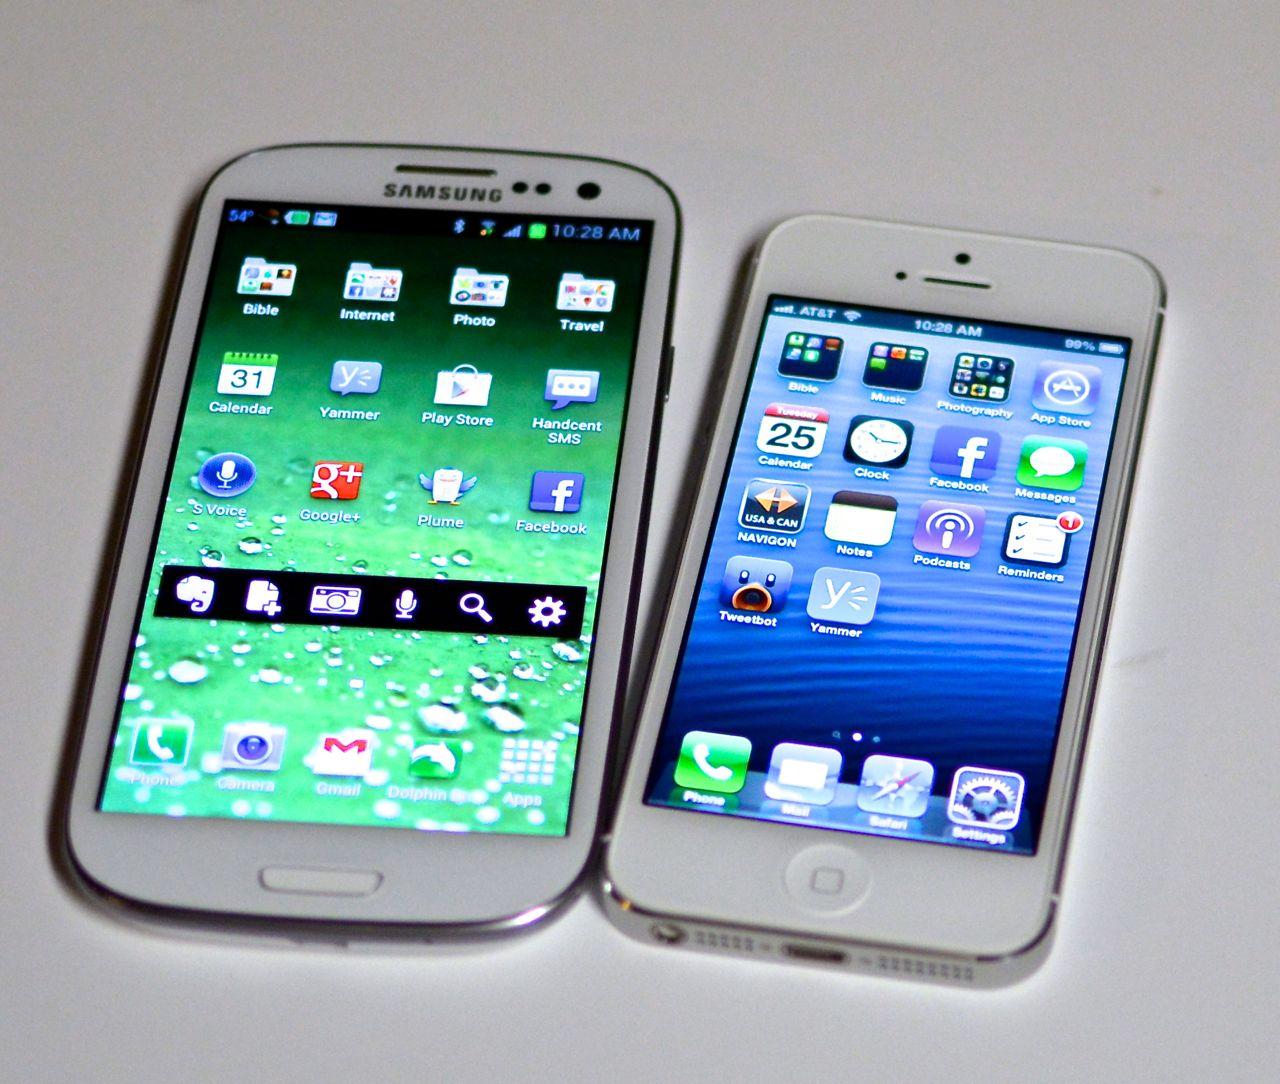 iPhone 5 vs Galaxy S III Display